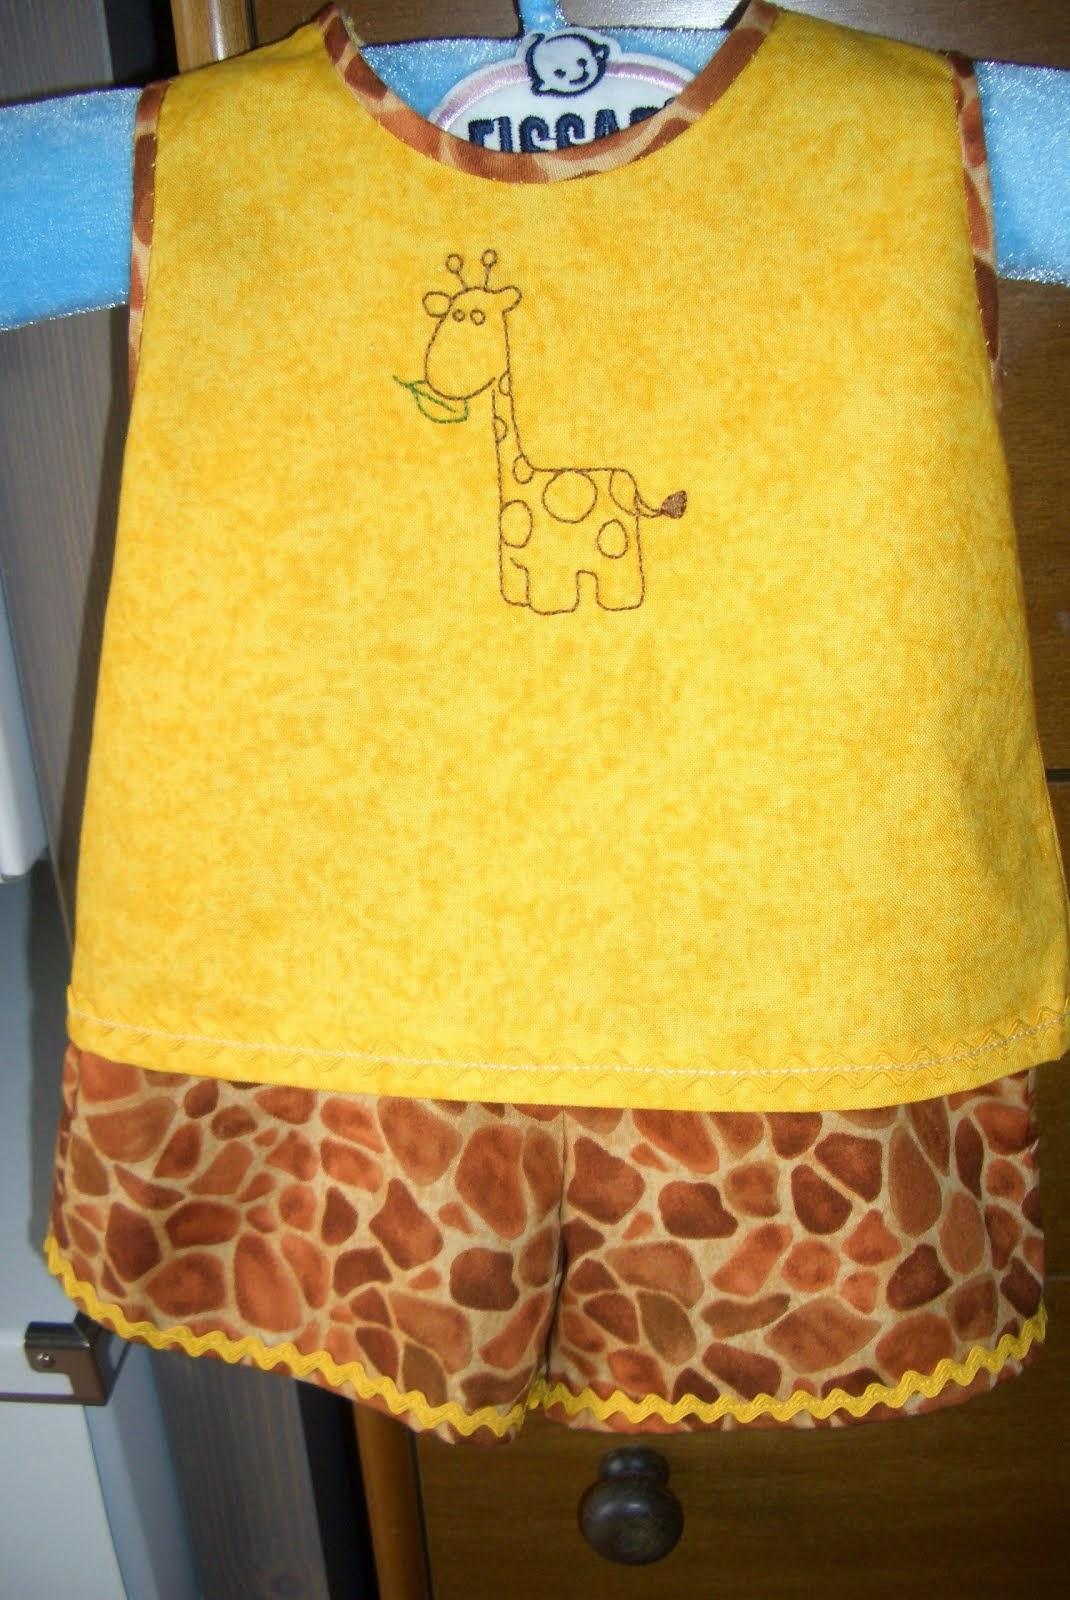 Completino giraffino